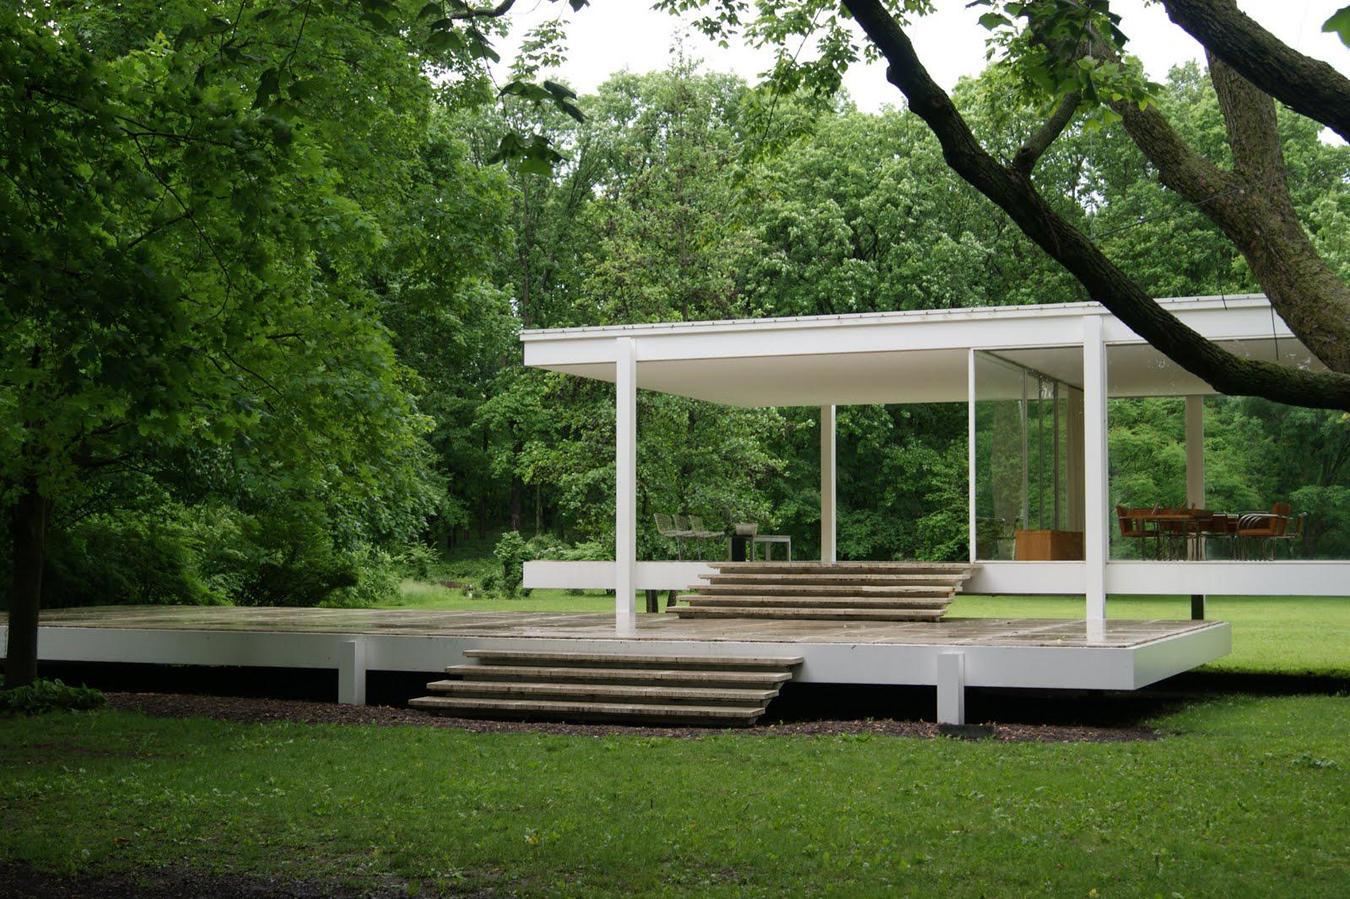 A f a s i a marzo 2012 for Casa minimalista de mies van der rohe